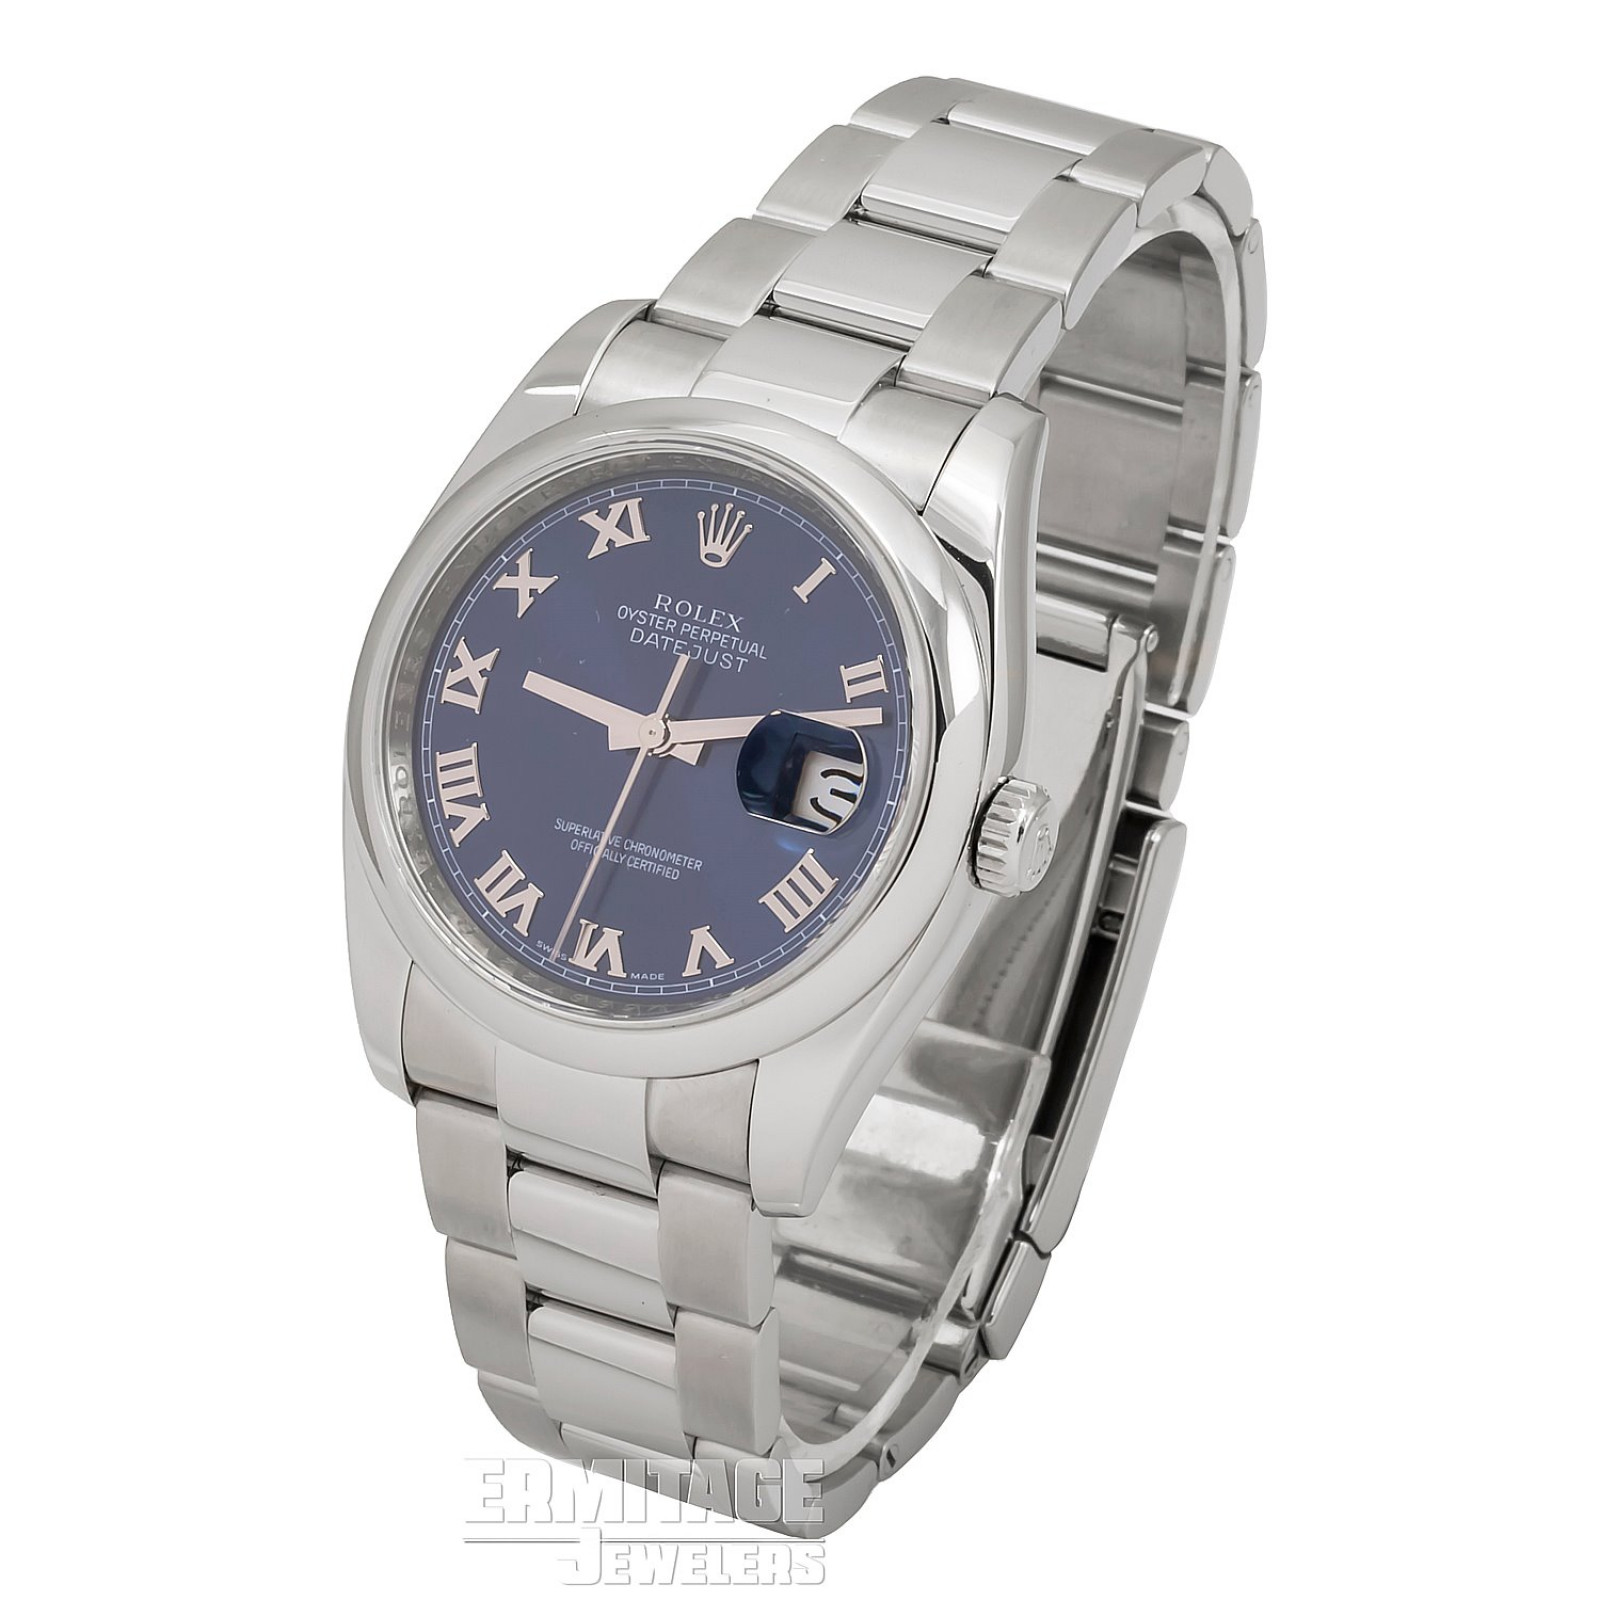 2009 Rolex Datejust Ref. 116200